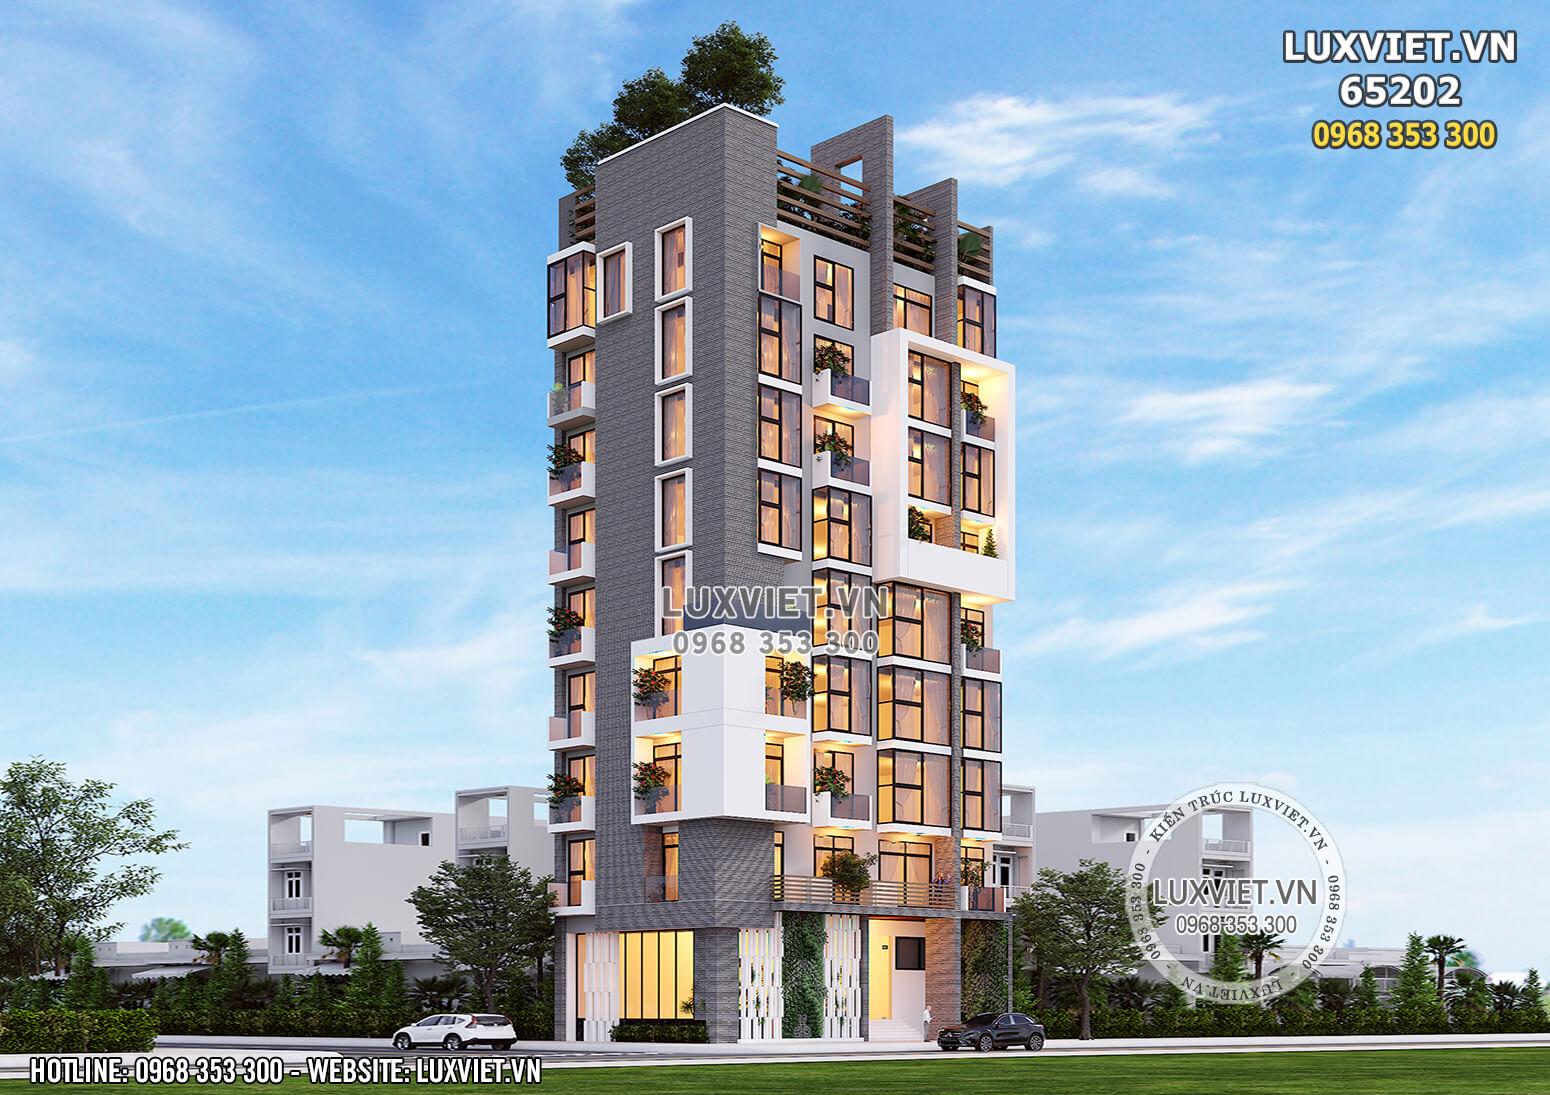 Hình ảnh: Thiết kế khách sạn hiện đại 3 sao đẳng cấp - LV 65202